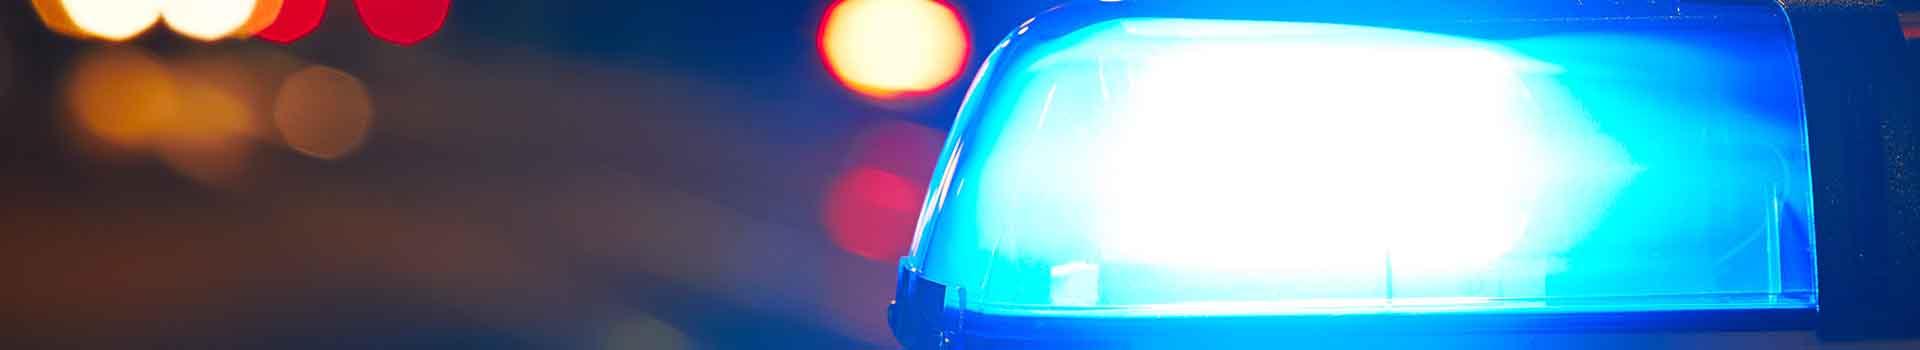 Motoring Offences - Elite Solicitors Ltd